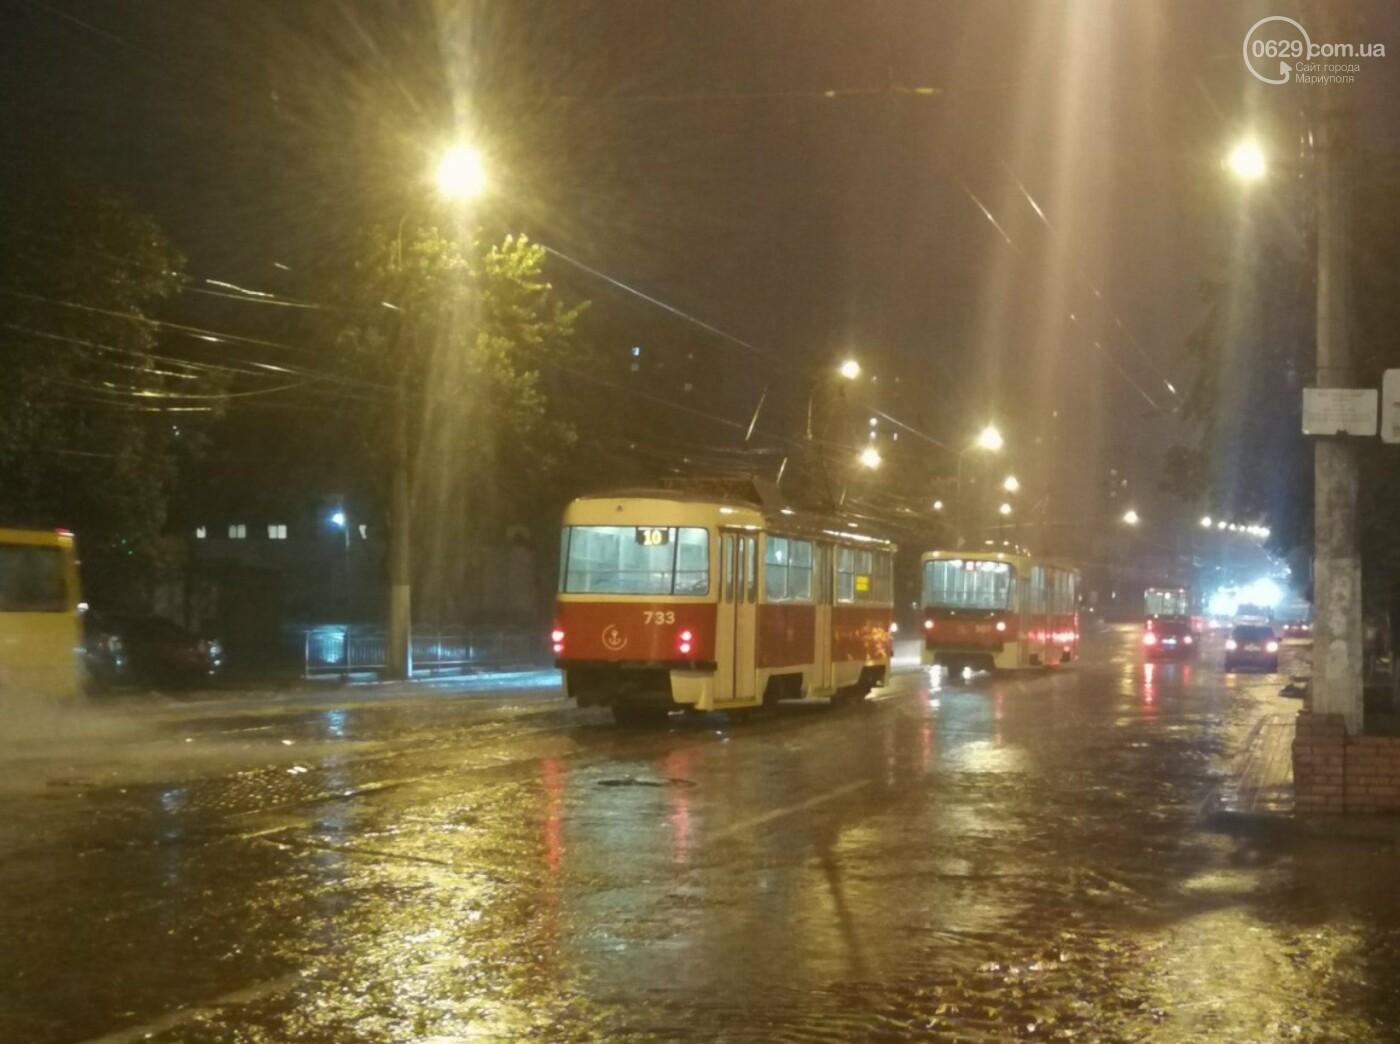 Непогода в Мариуполе: затопленная Песчанка, застрявшие трамваи и угроза для жителей пр. Лунина, - ФОТО, фото-4